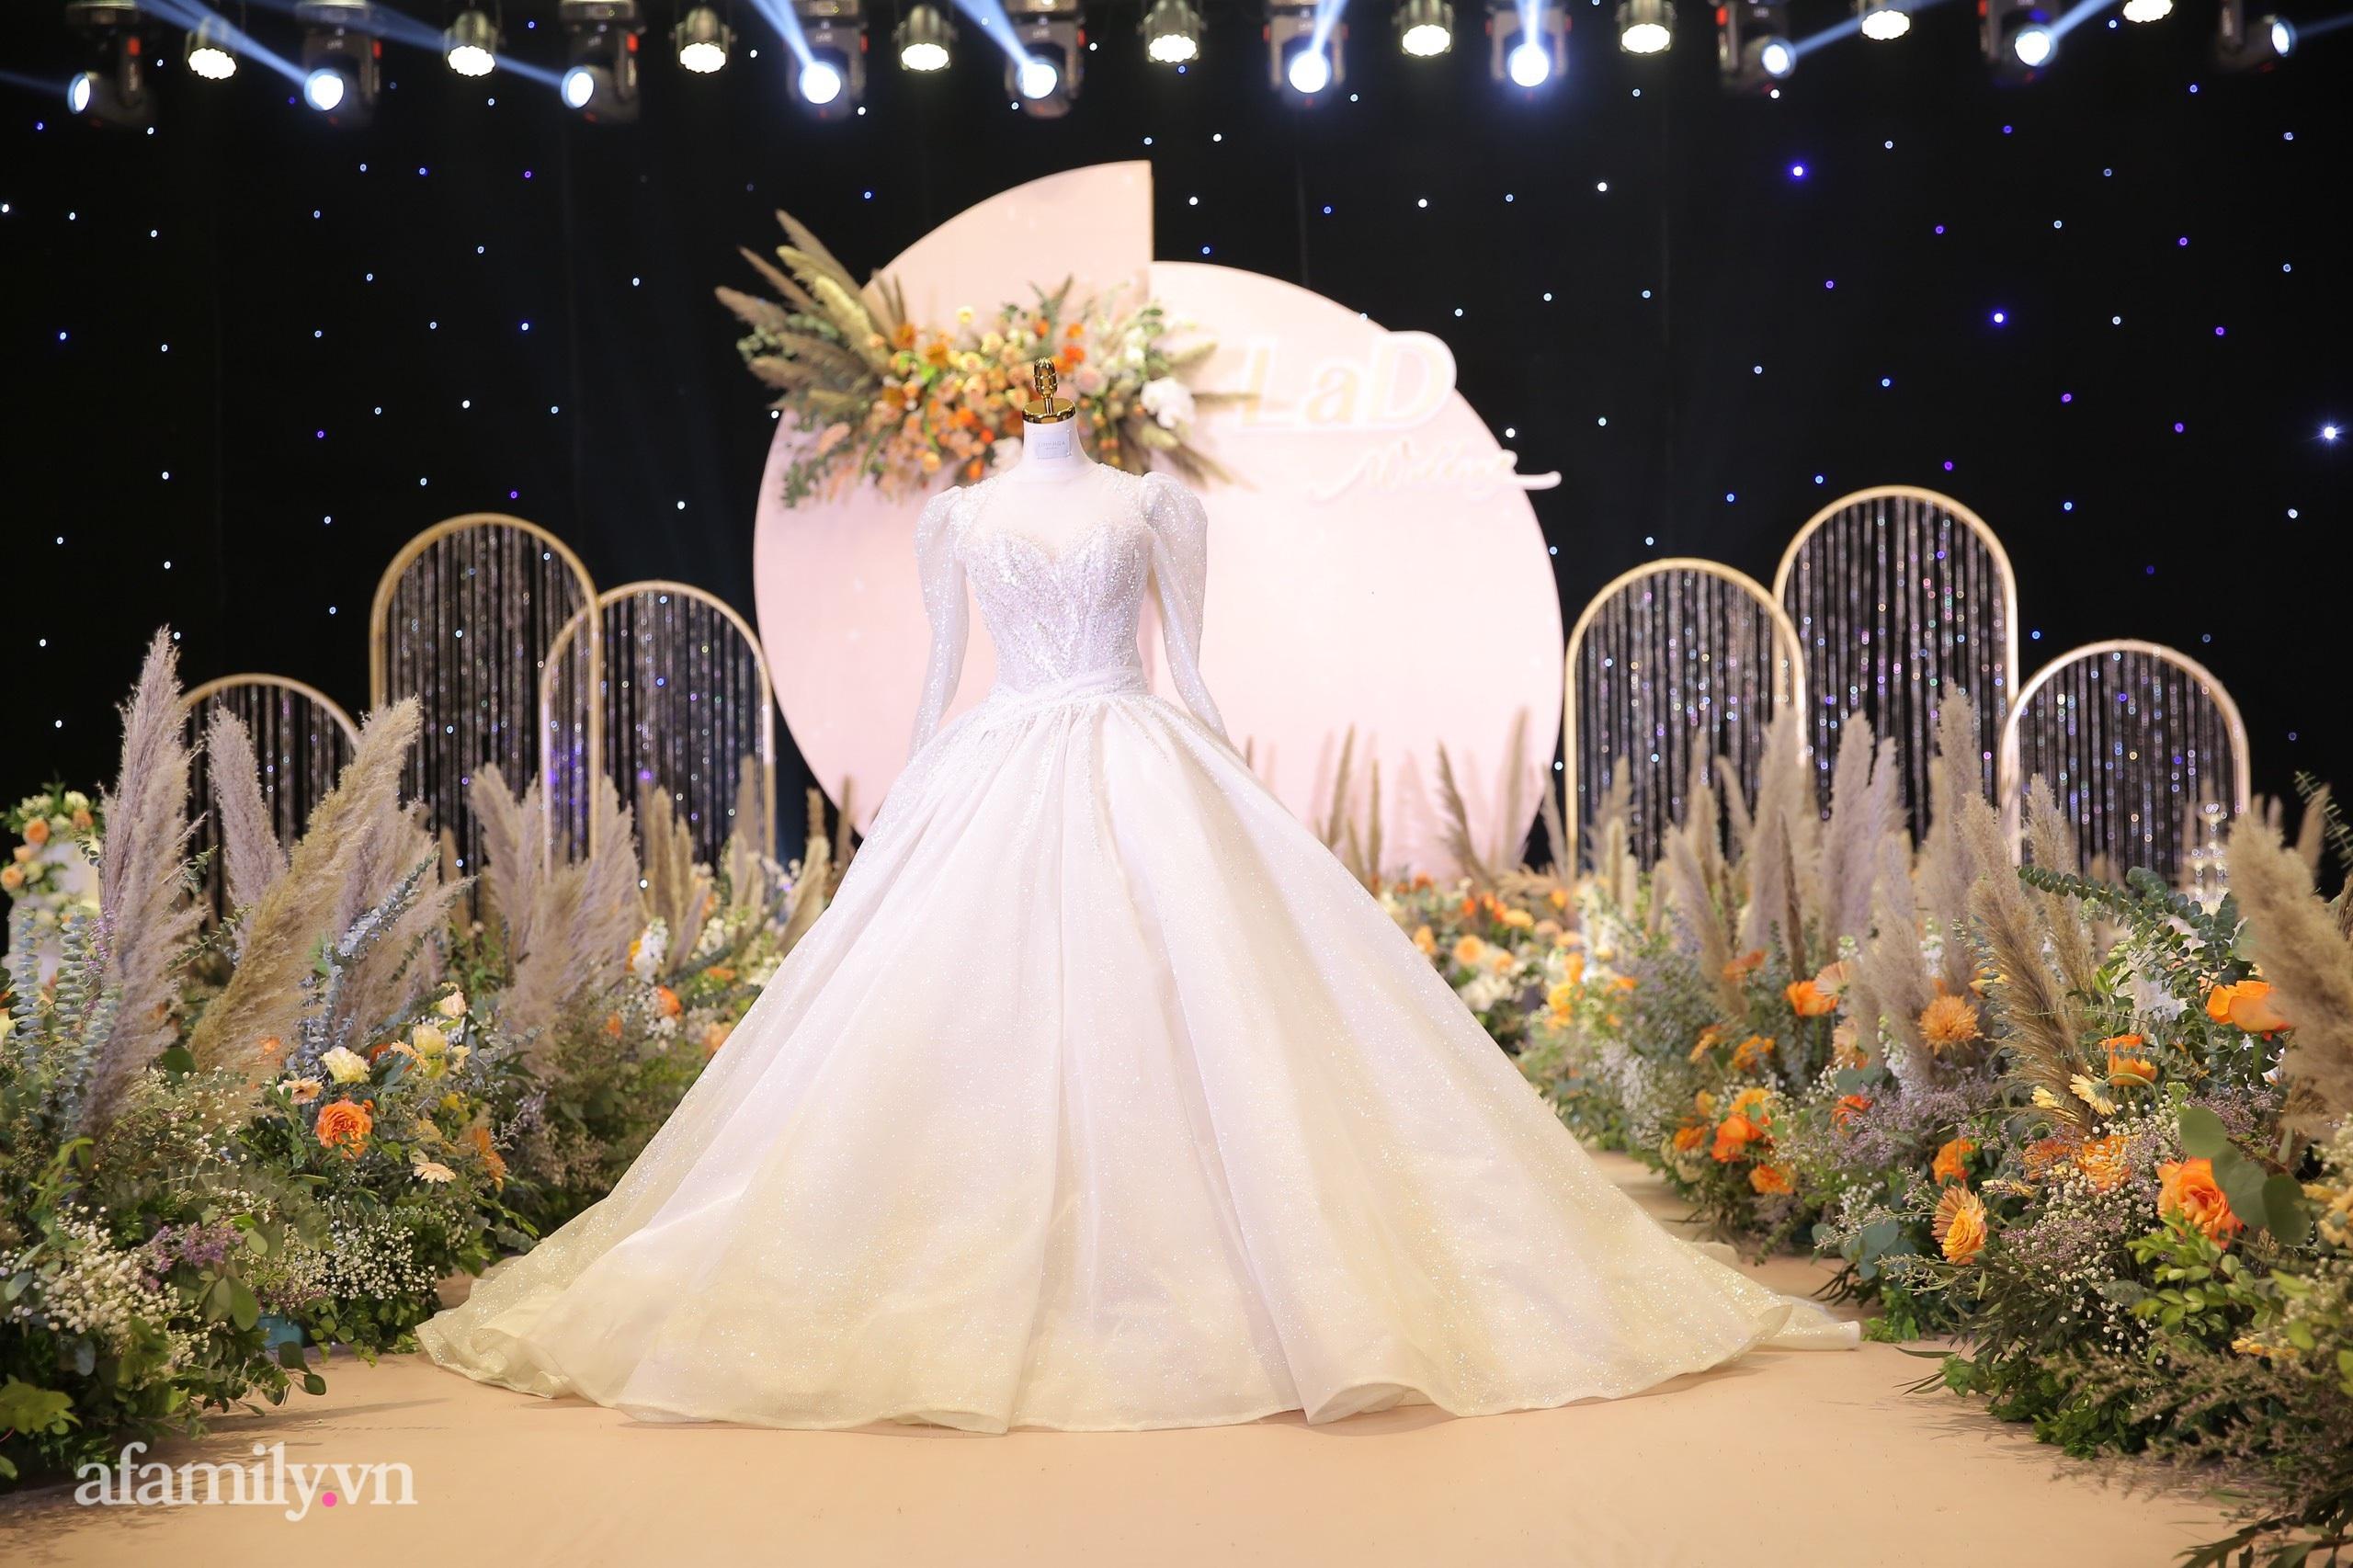 Cận cảnh chiếc váy cưới lấp lánh của vợ Bùi Tiến Dũng mặc trong hôn lễ ở Hà Nội, thêm 2 khu sân khấu cả ngoài trời - trong nhà cũng đều rất hoành tráng-3